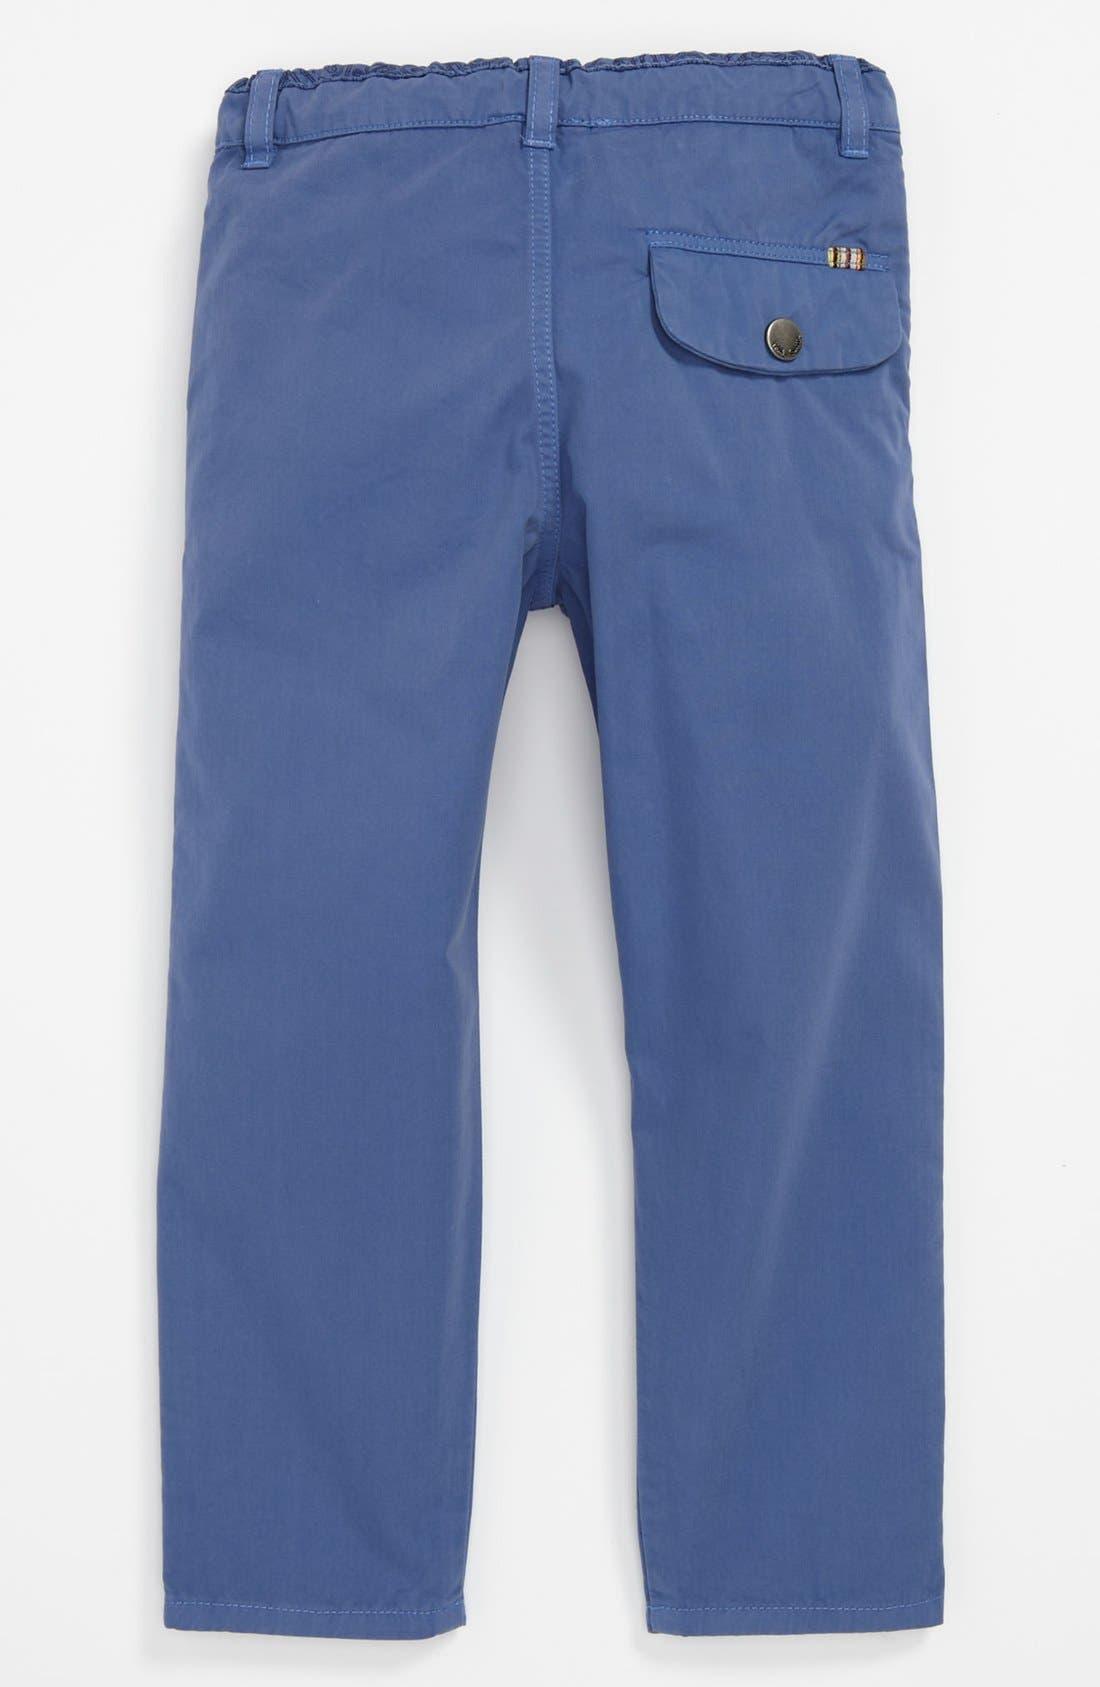 Alternate Image 1 Selected - Paul Smith Junior Denim Pants (Toddler)